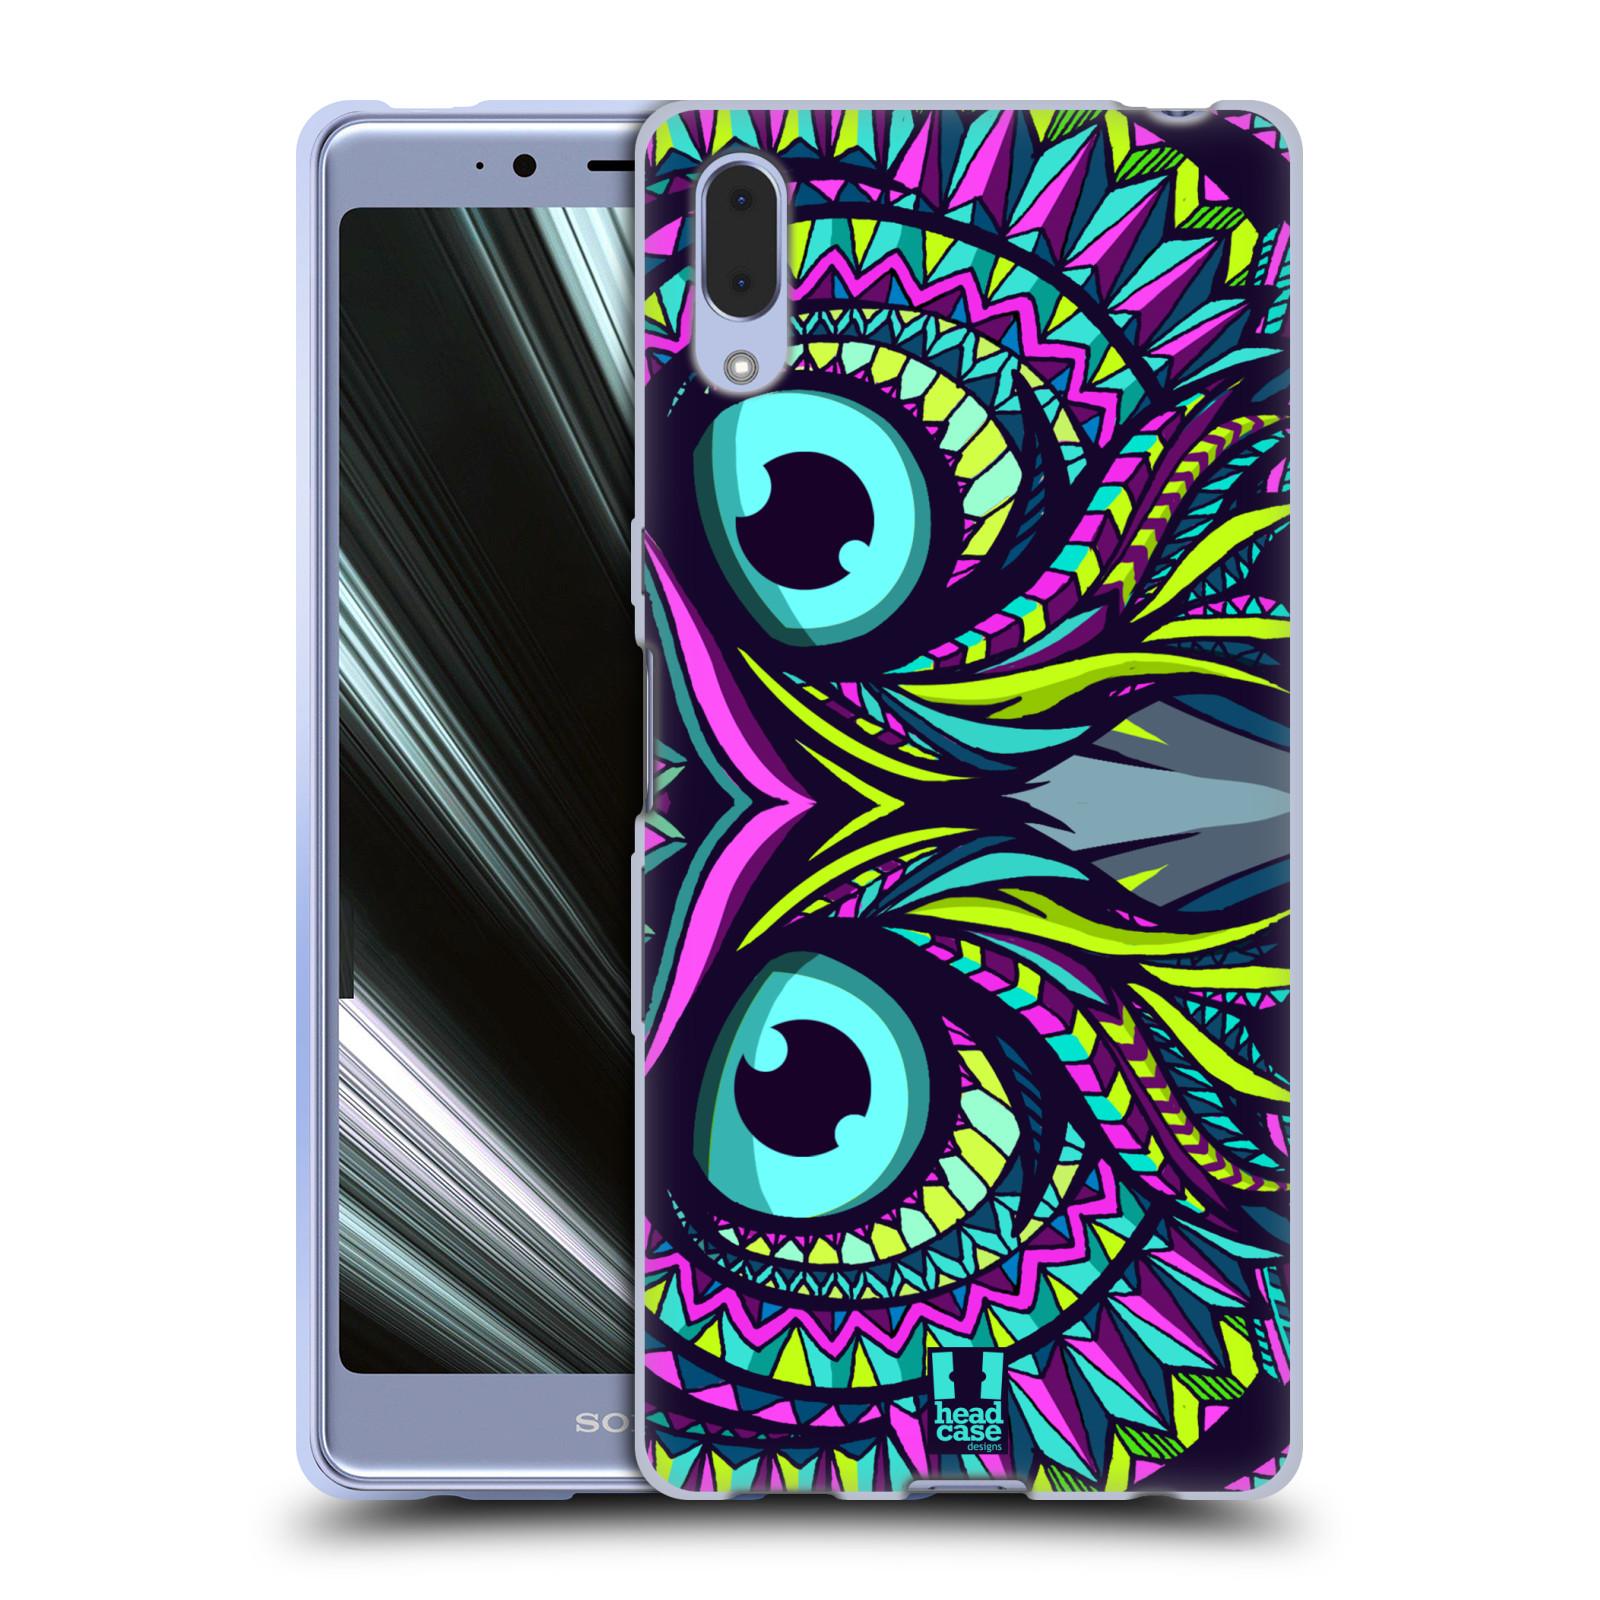 Silikonové pouzdro na mobil Sony Xperia L3 - Head Case - AZTEC SOVA